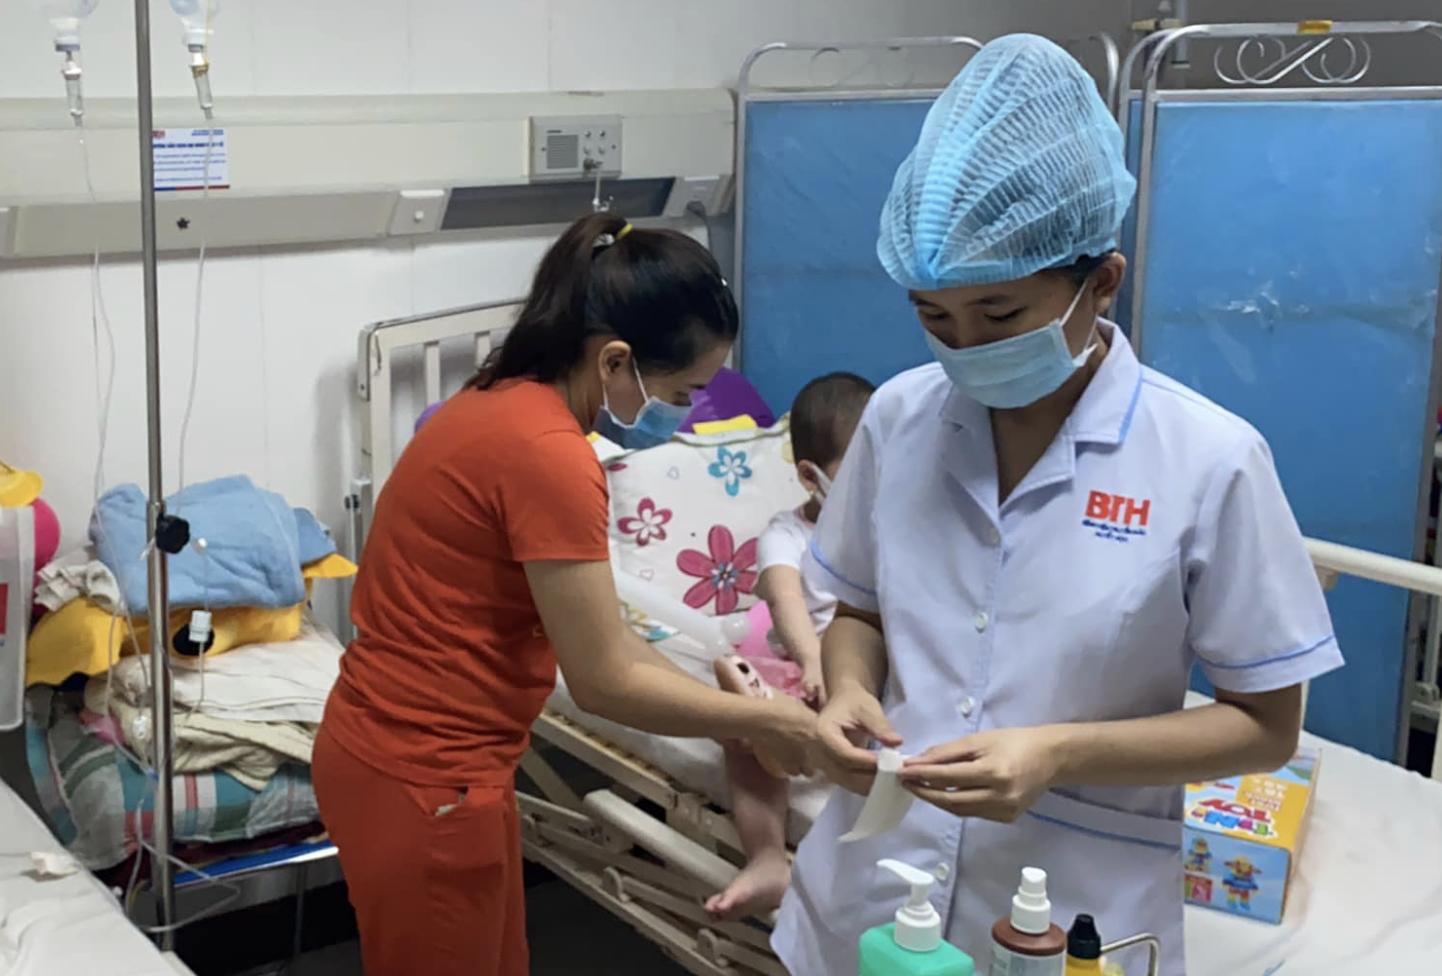 Vụ bệnh viện ở TP.HCM bị tố truyền hóa chất hết hạn cho bé 4 tuổi suy tủy: Bệnh viện lên tiếng-2